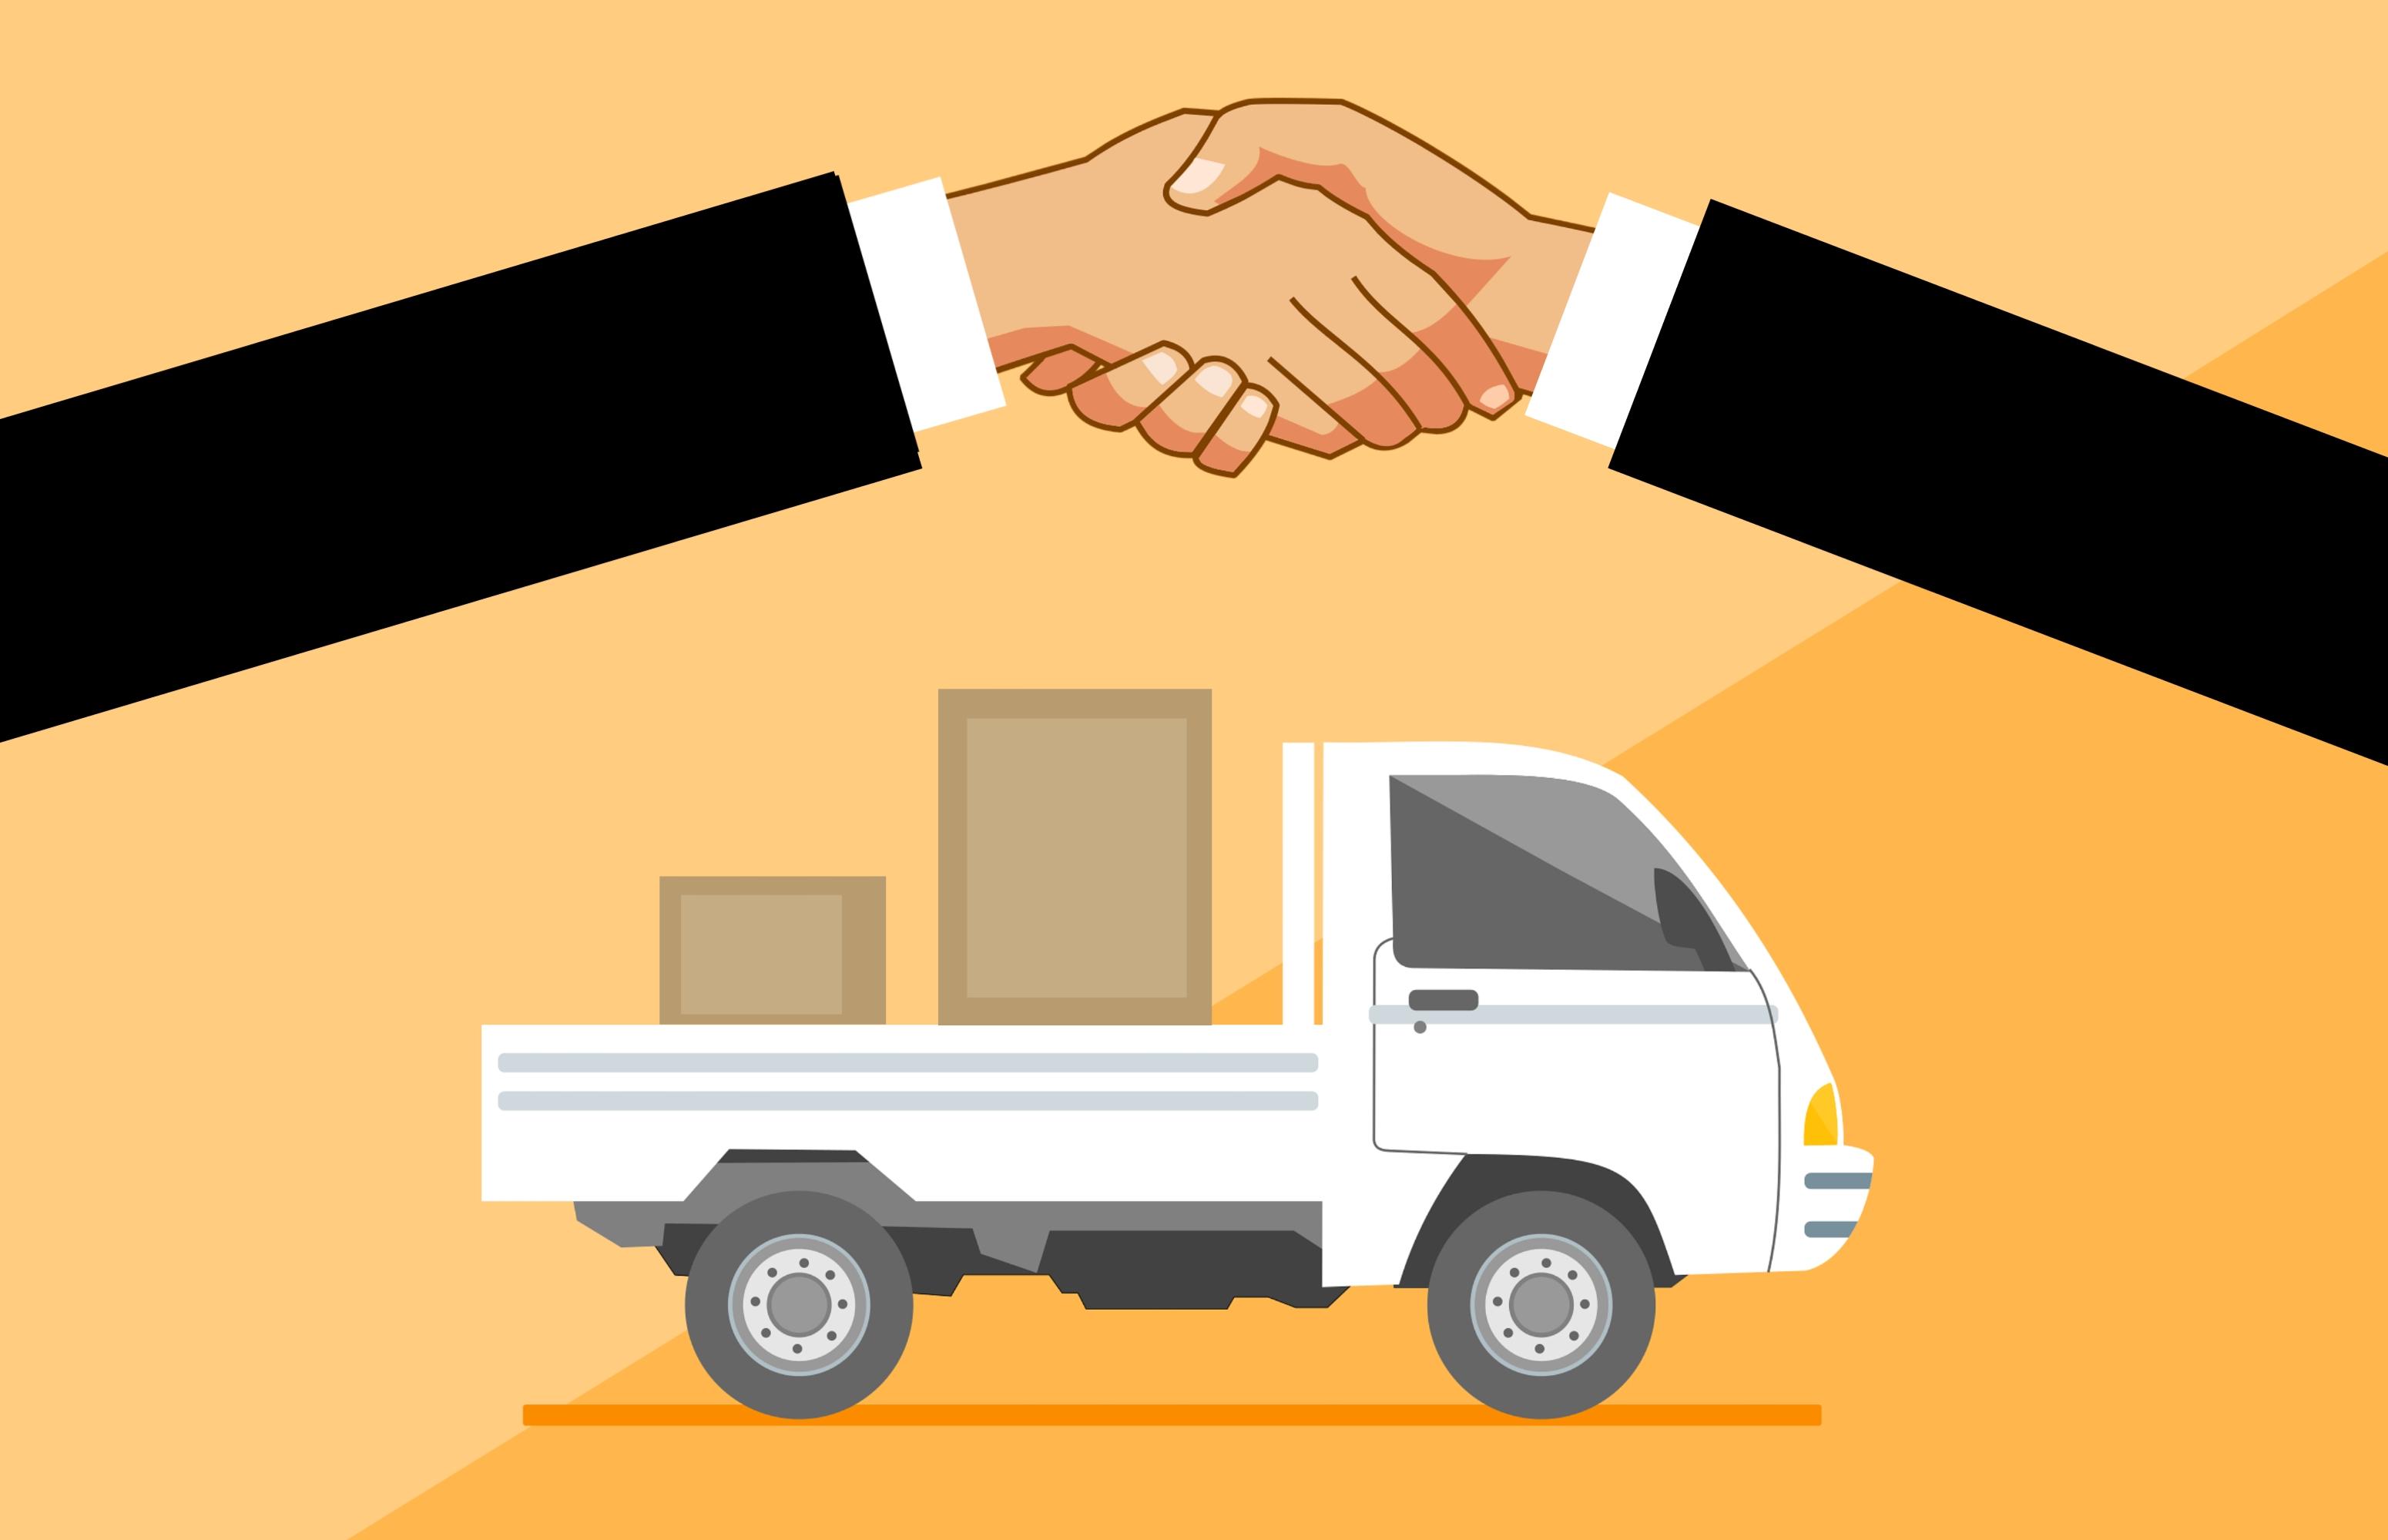 hình ảnh : xe tải, Sự bắt tay, khái niệm, dịch vụ, Van, thương mại, Các mặt hàng, Kho, logistic, Gói, xe hơi, Đang chuyển hàng, cái hộp, bán lẻ, kinh doanh, ...